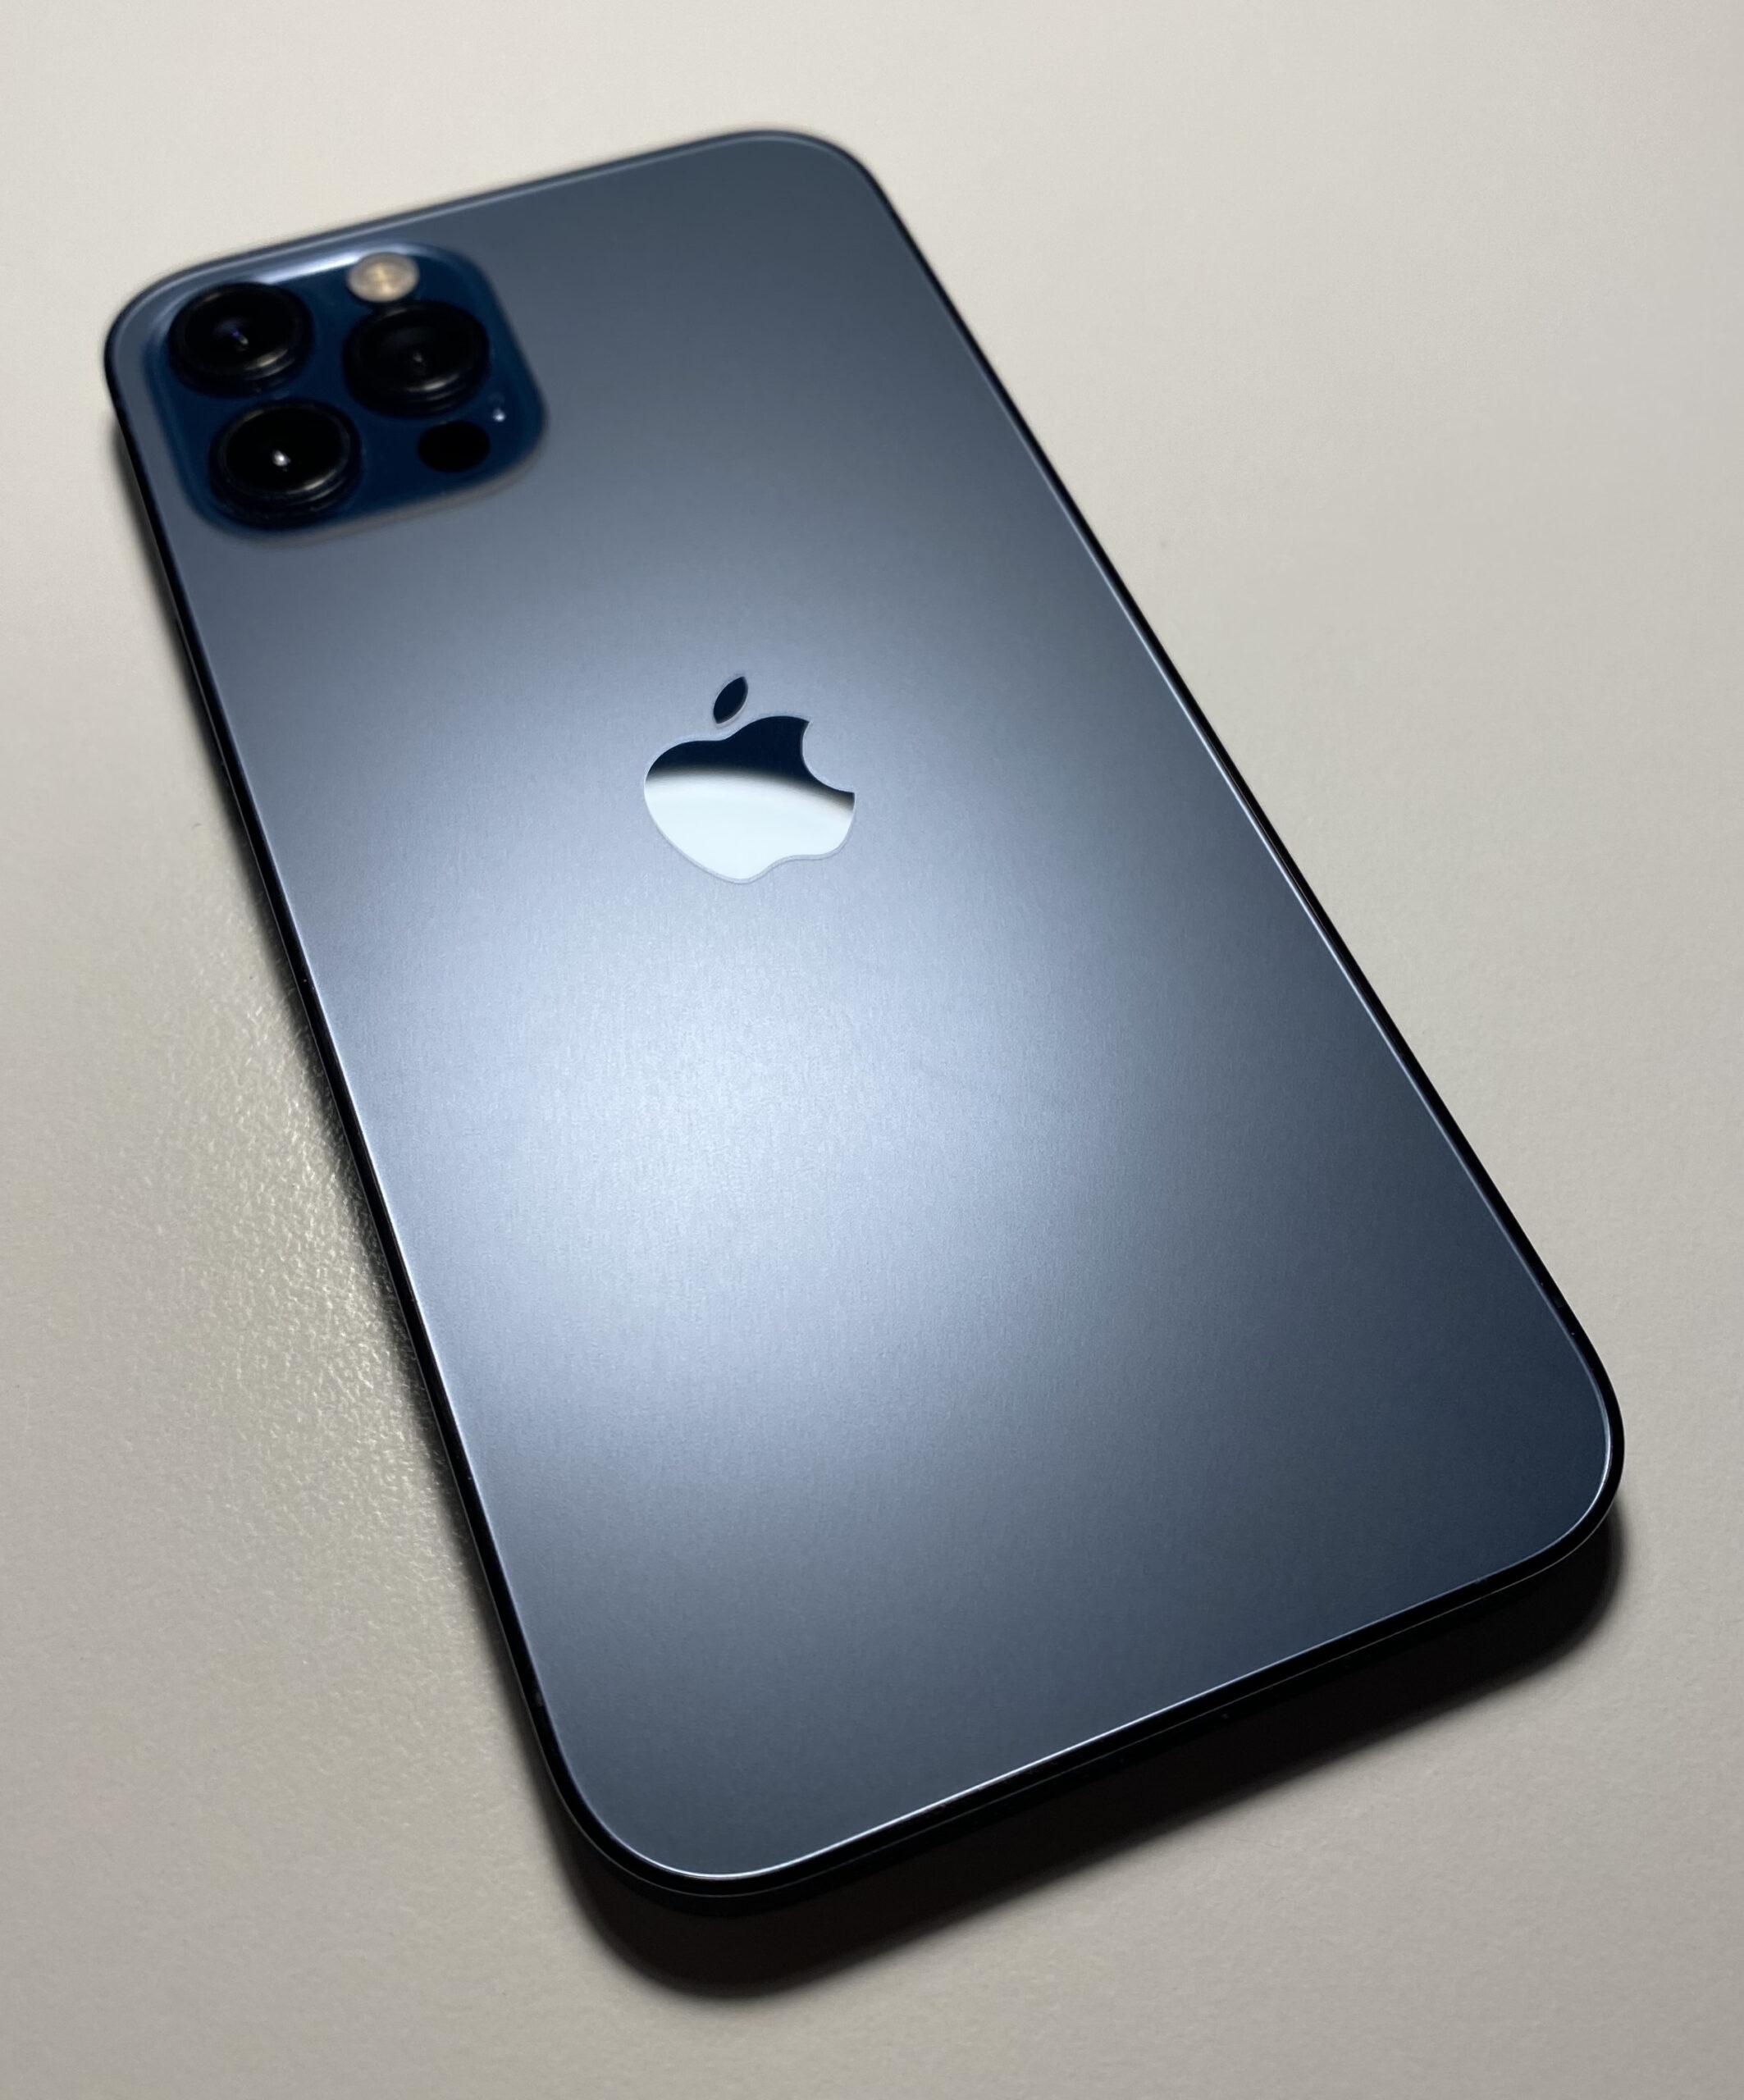 12 комментариев про iPhone 12 Pro